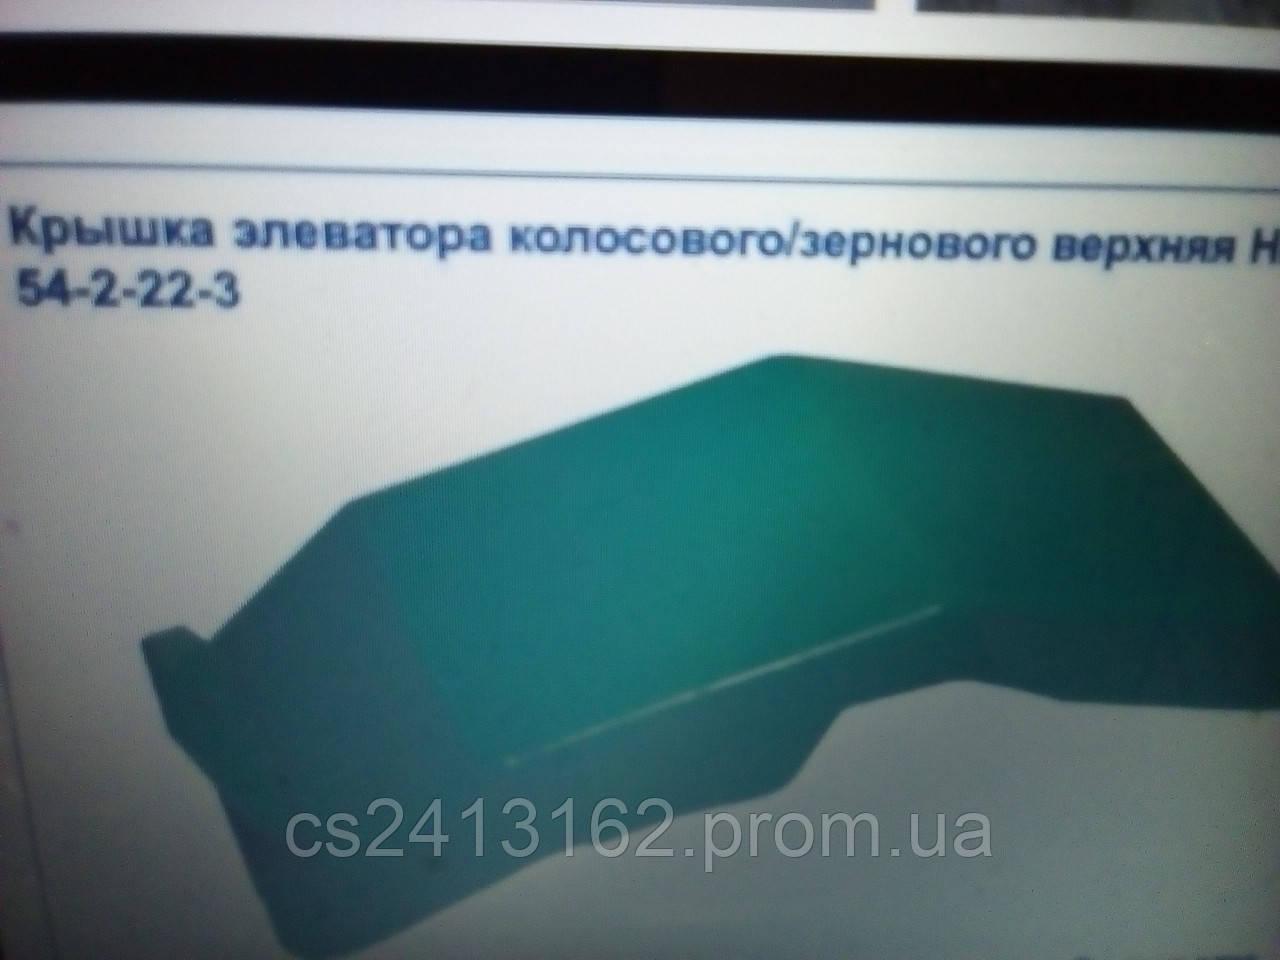 Крышка элеватора колос\зерновой верхняя комбайна НИВА Каталожный номер 54-2-22-3